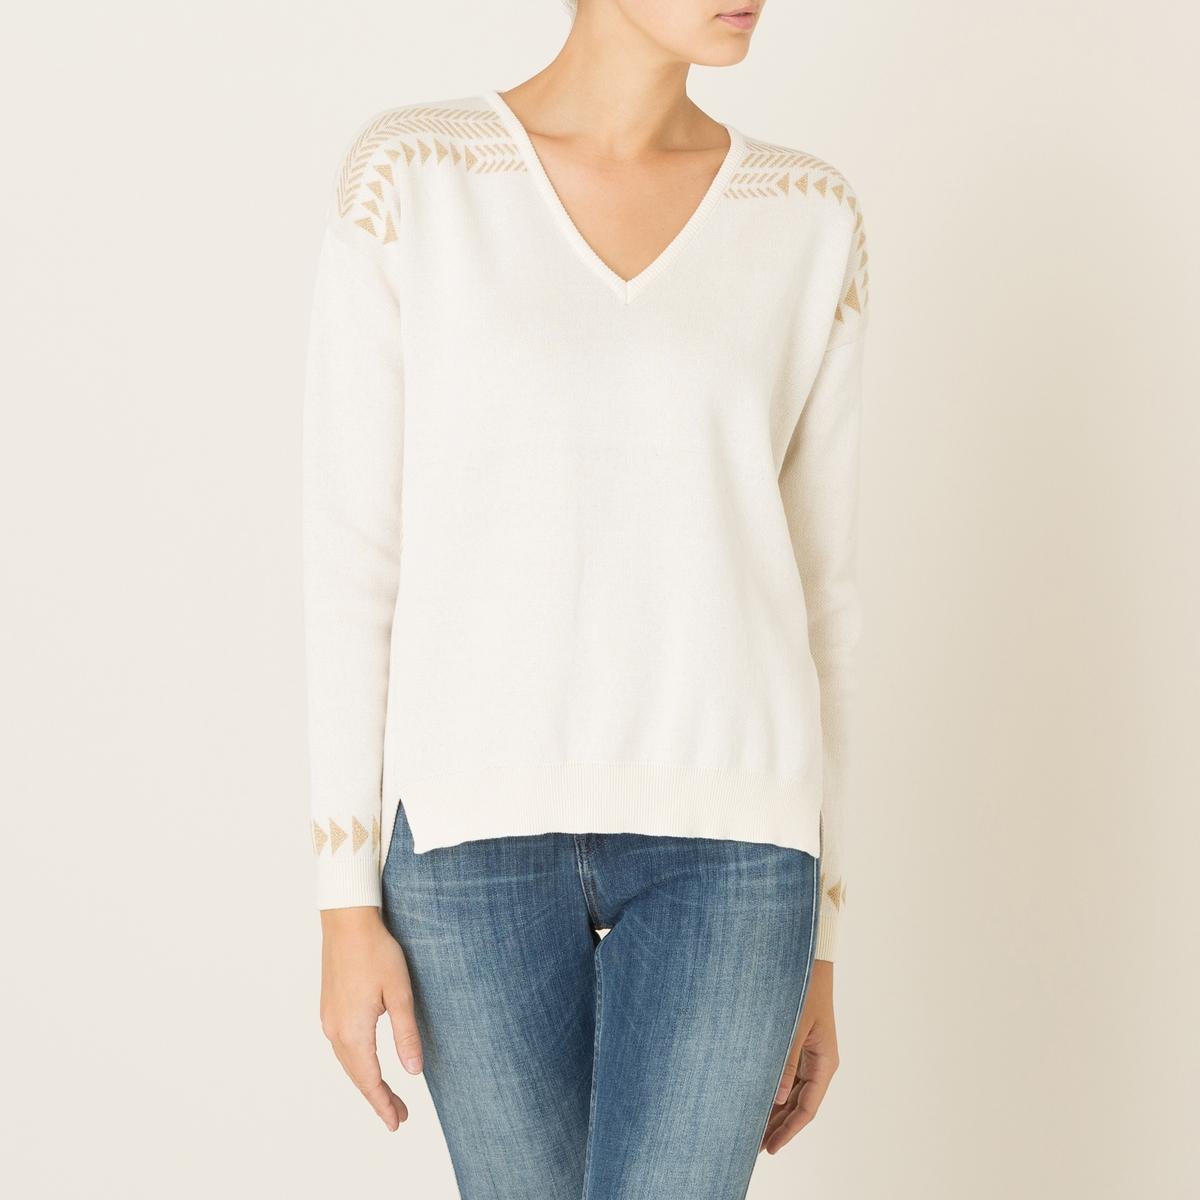 Пуловер MARSHALLСостав и описание Материал : трикотаж радужной расцветки 100% хлопокМарка : BLUNE<br><br>Цвет: экрю